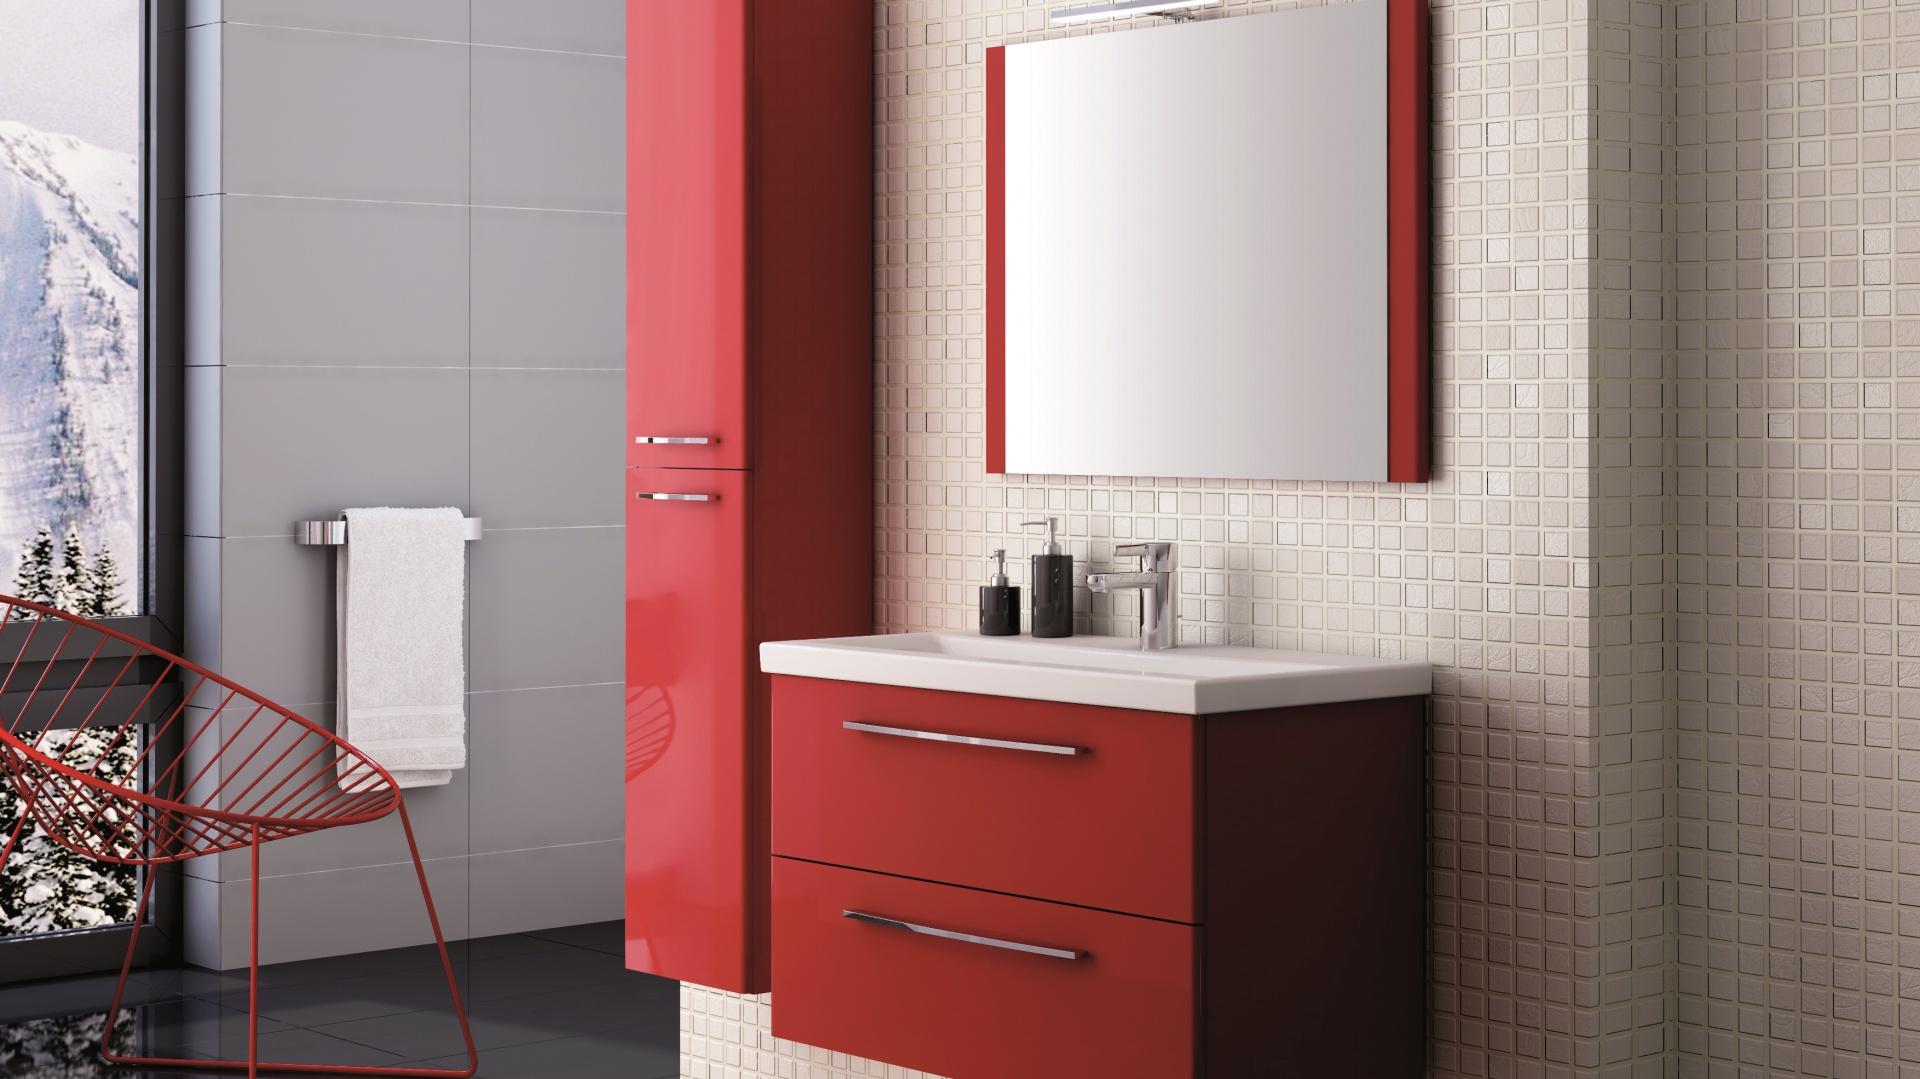 Kolekcja mebli łazienkowych Jump powstała z myślą o modnym wnętrzu. Przeznaczona jest dla osób pewnych siebie i lubiących wyróżniać się z tłumu. Dostępna jest w trzech kolorach: czerwonym, fioletowym i nugatowym. Fot. Elita.